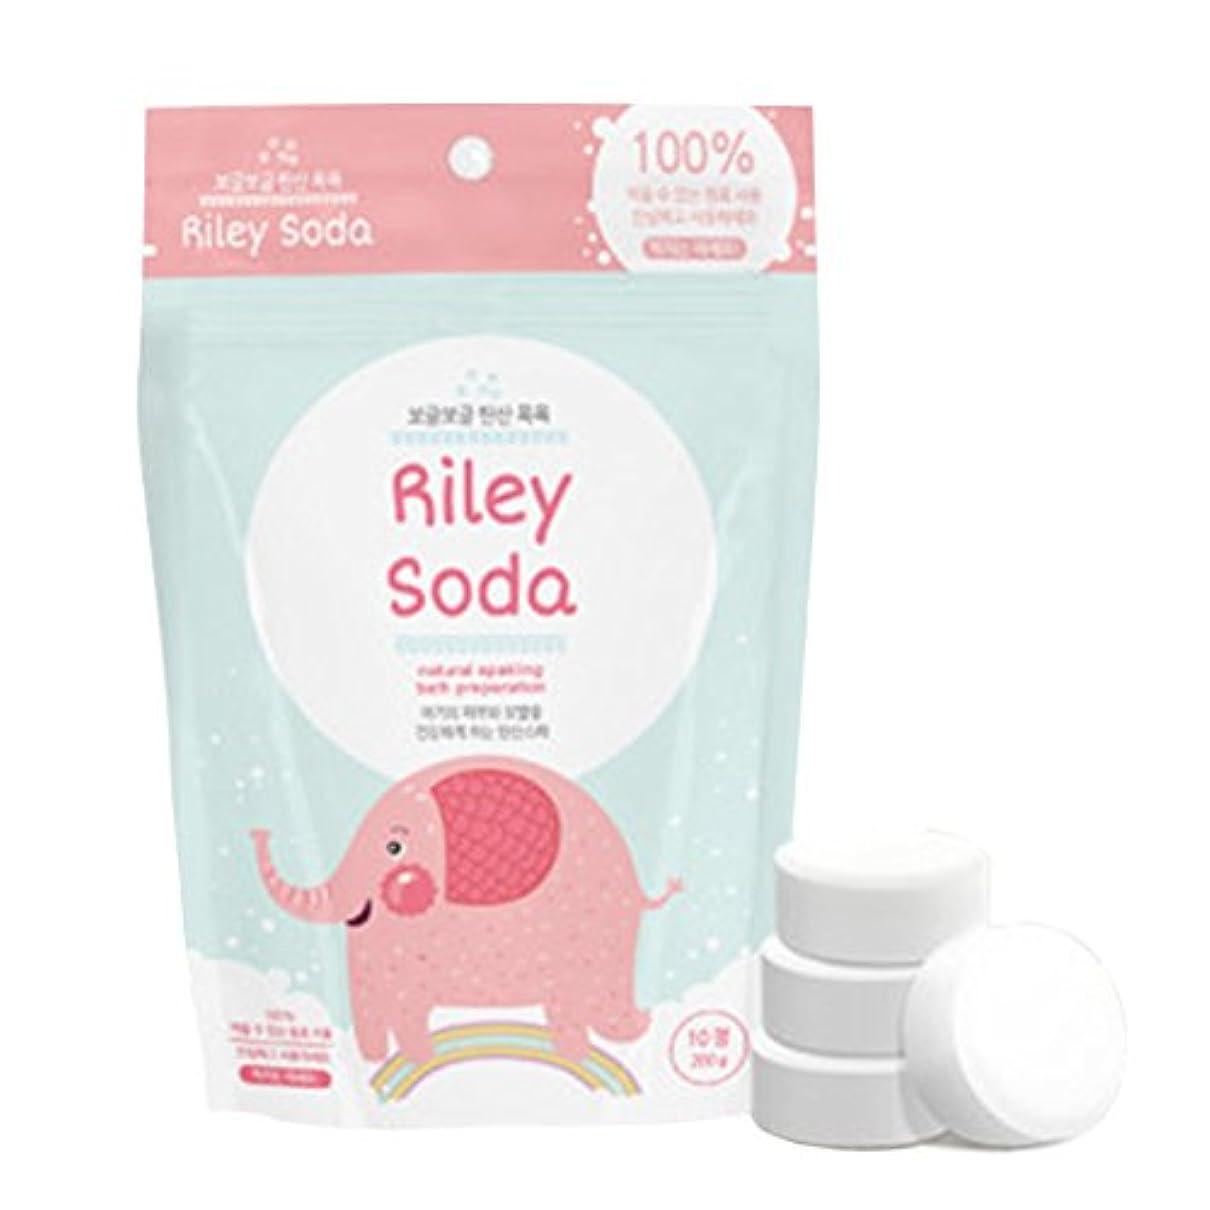 スイングつぶやきバイバイ(リリーソ-ダ) Riley Soda アトピー赤ちゃん用炭酸温泉入浴剤 (10錠) [並行輸入品]